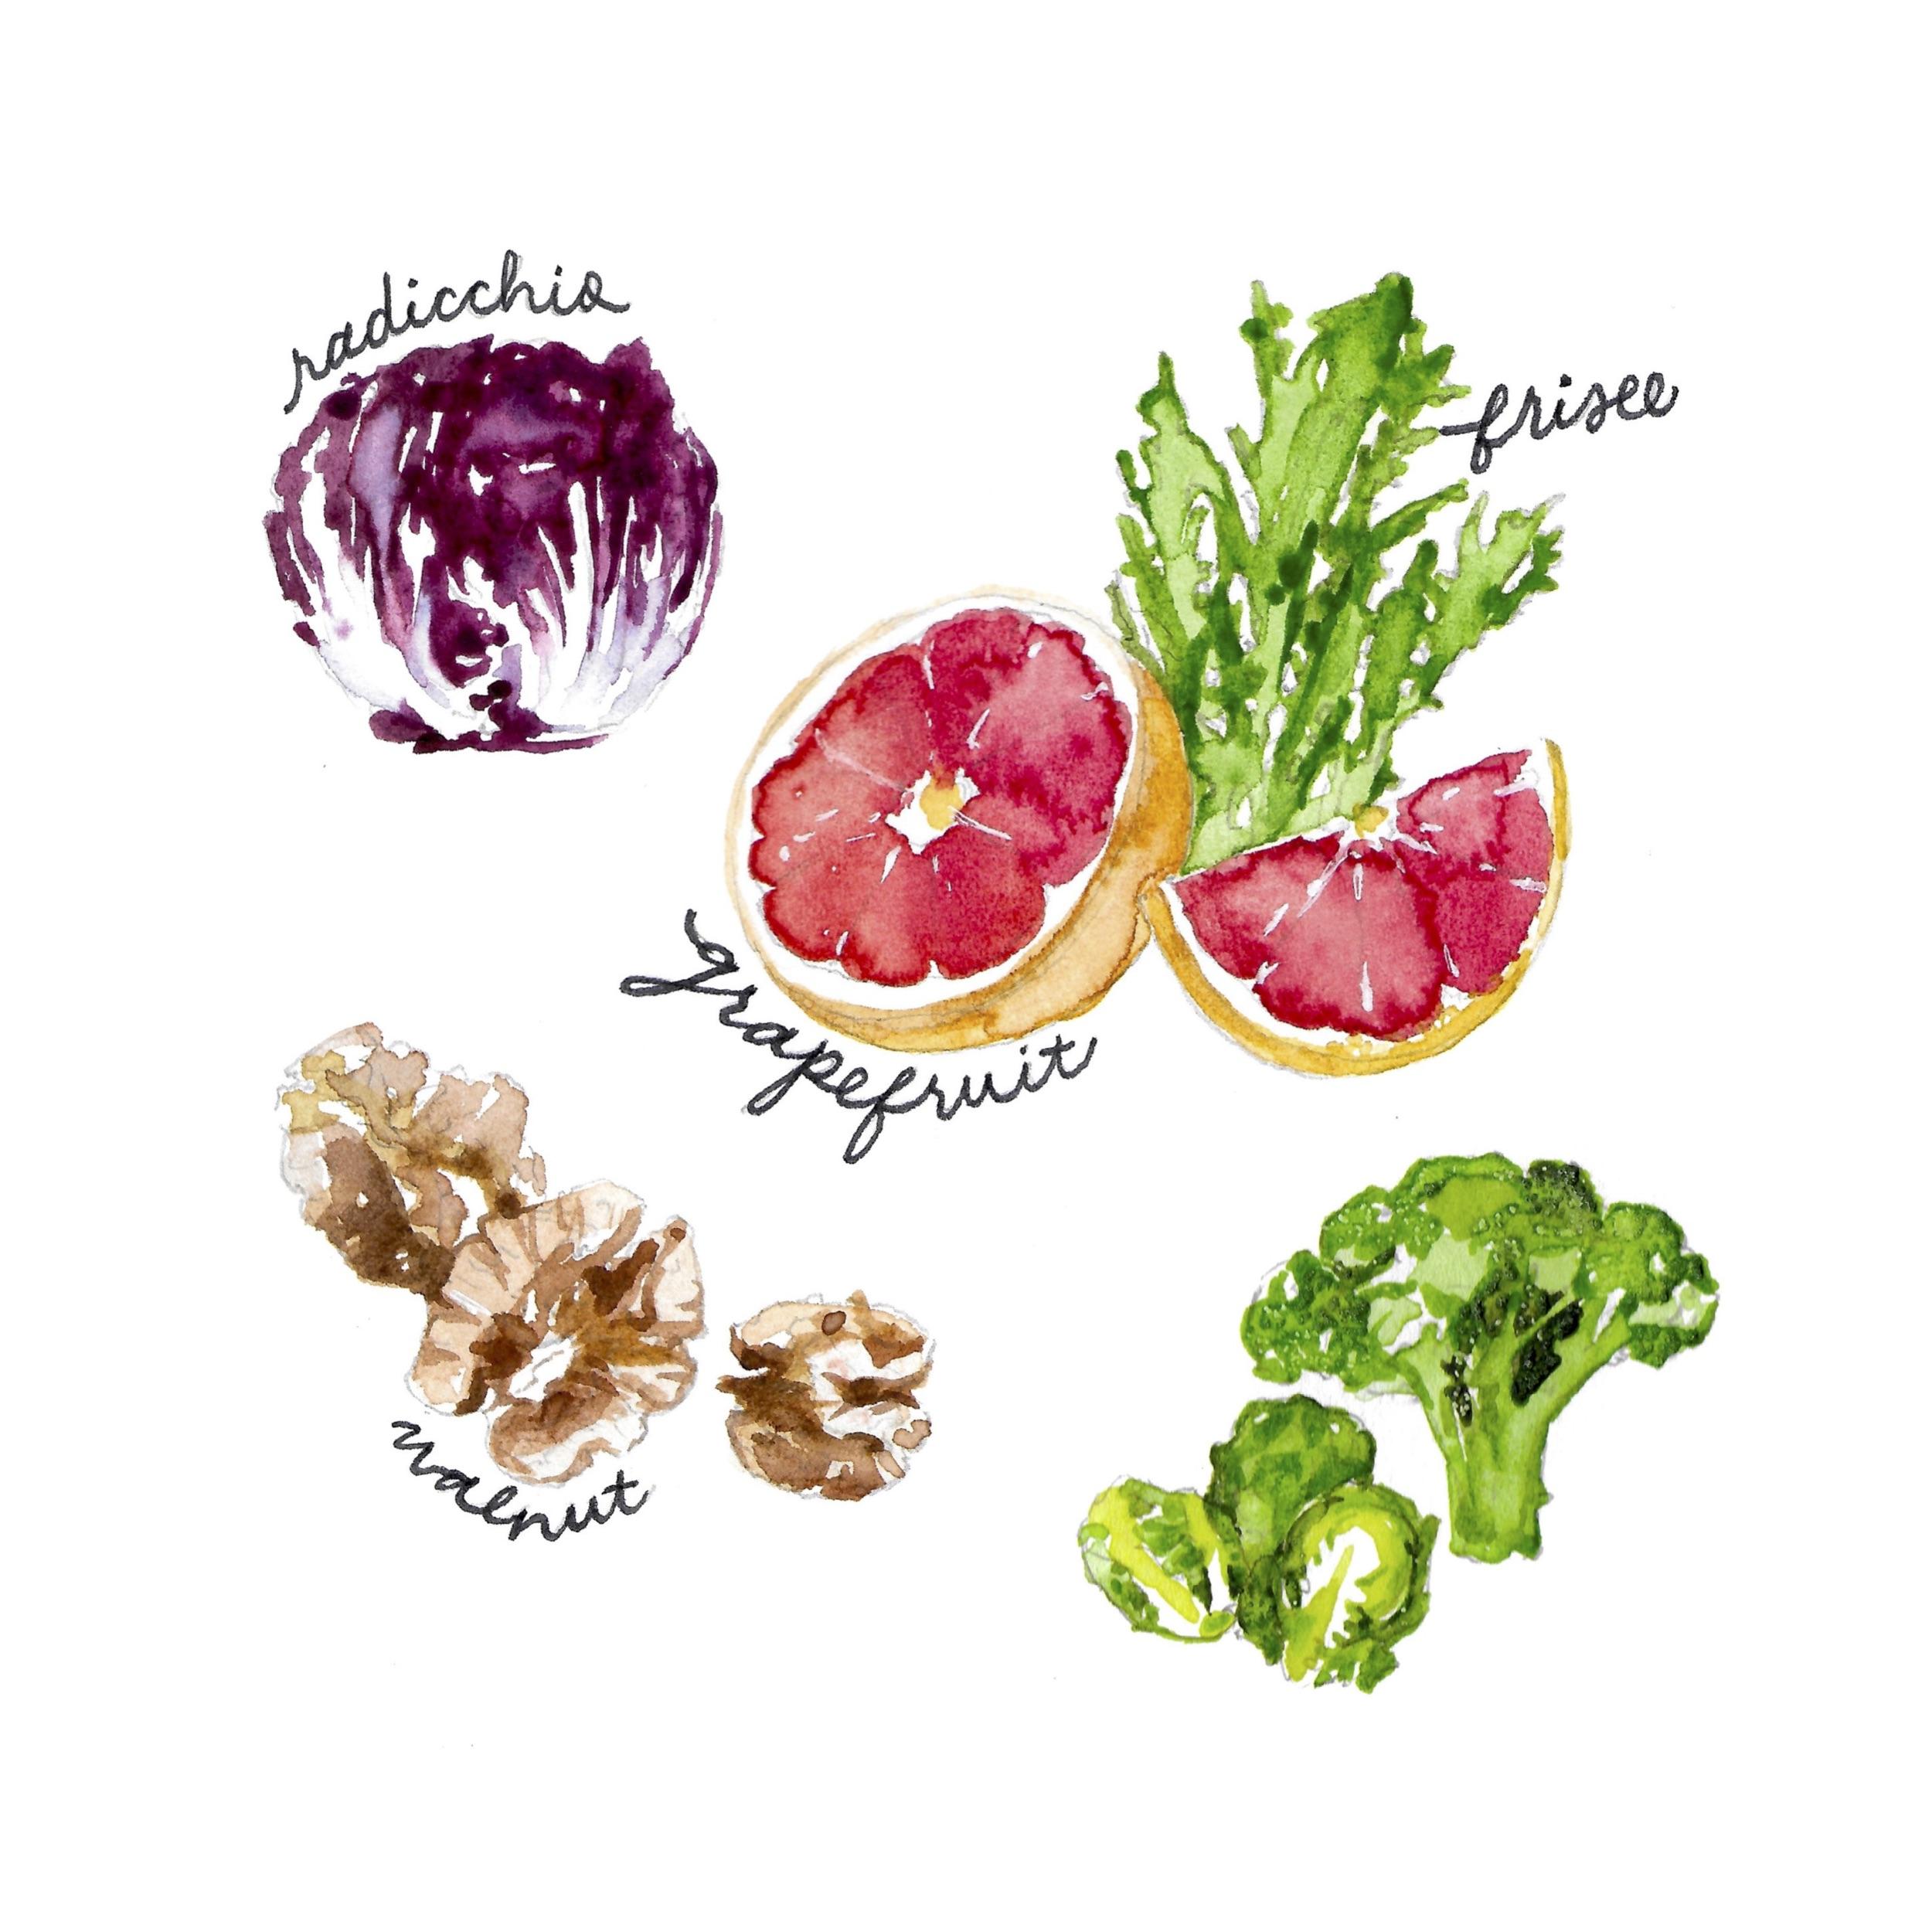 Sharon Teuscher Food Illustration.jpg